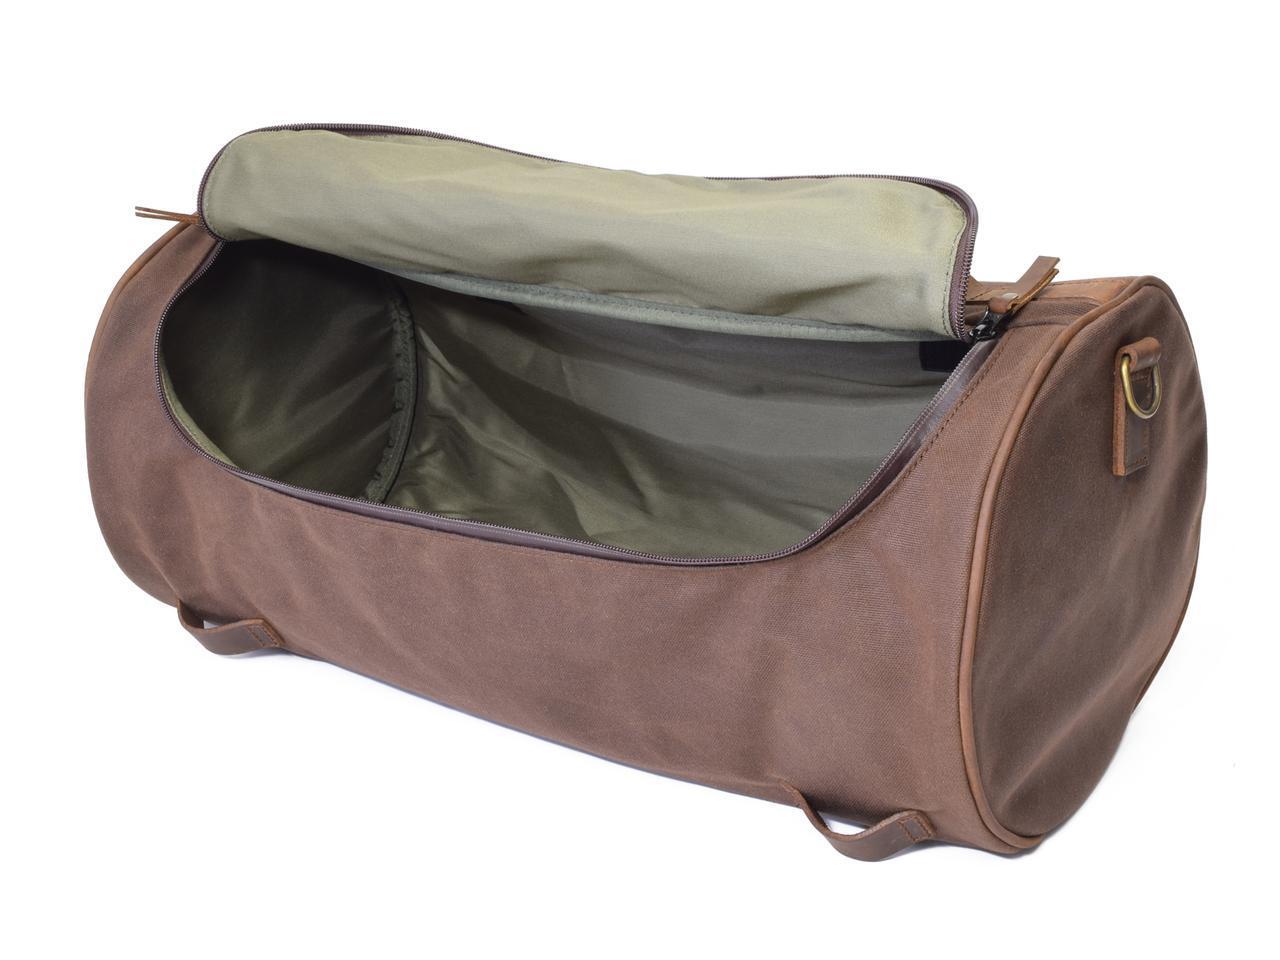 画像: 内側はポリエステル生地が張り合わされ水の浸透を防止します。開口部が広く、バッグ内の荷物を探したり、出し入れするのに便利。